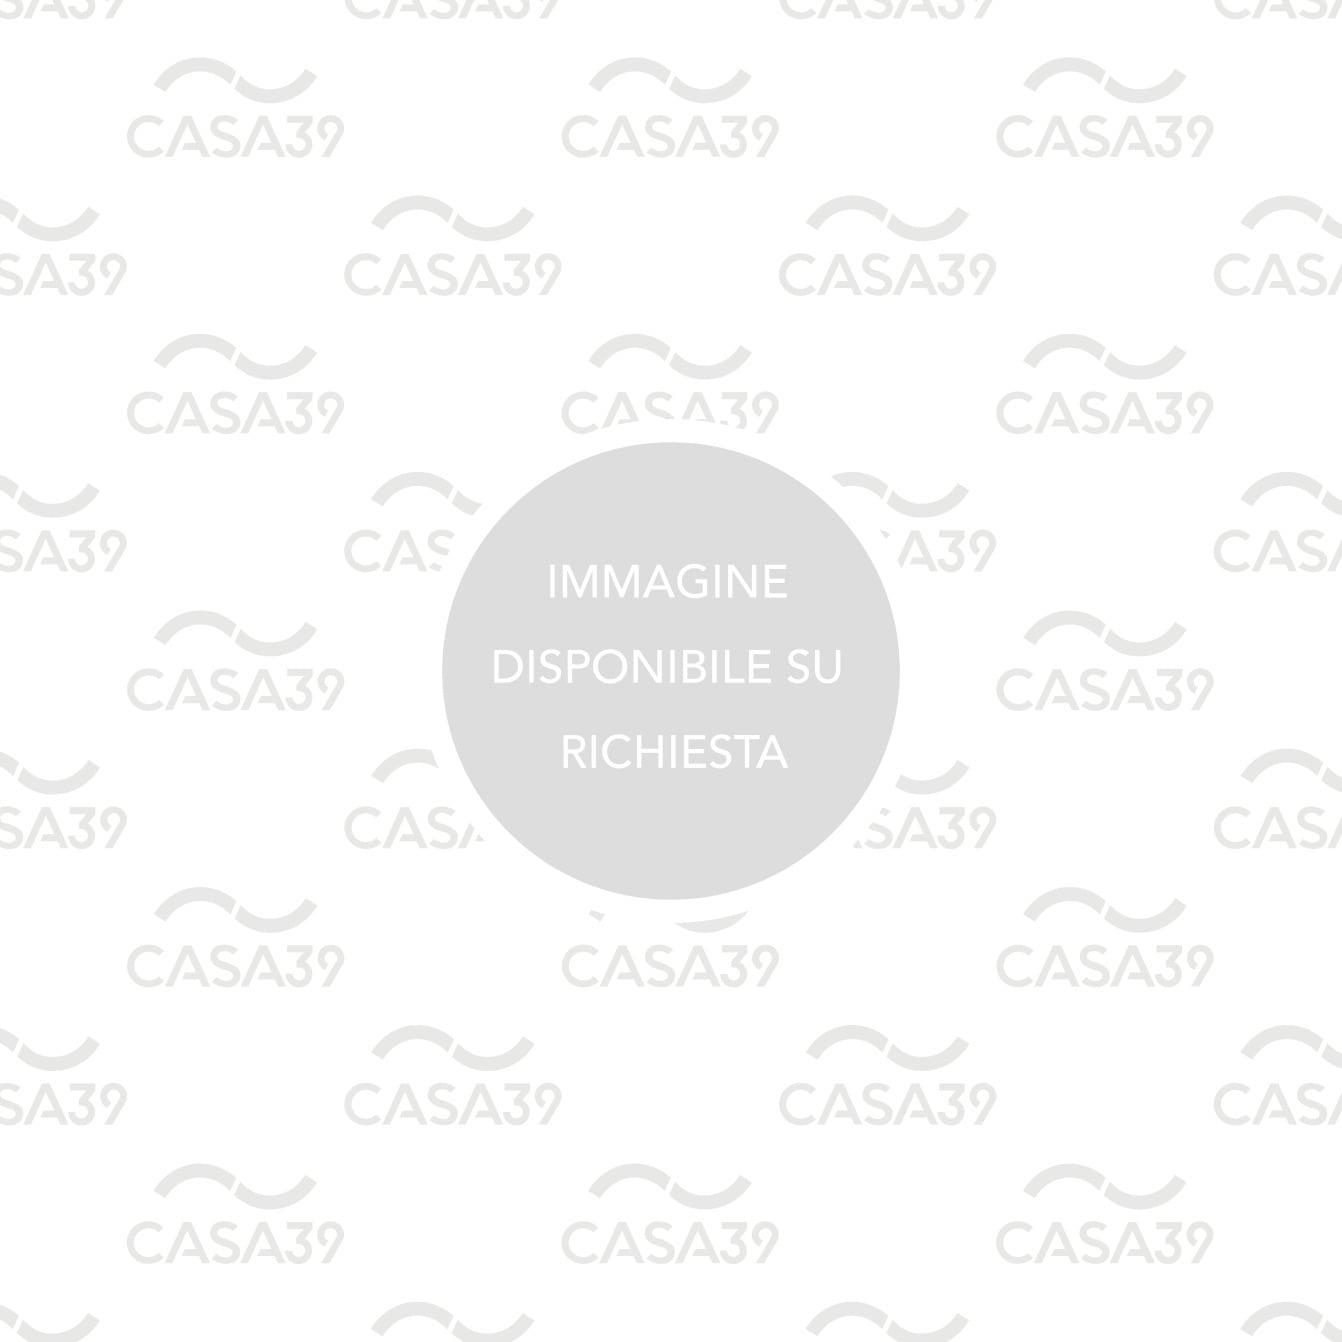 Rubinetteria Fantini Listino Prezzi.Fantini Rubinetti In Offerta Casa39 It